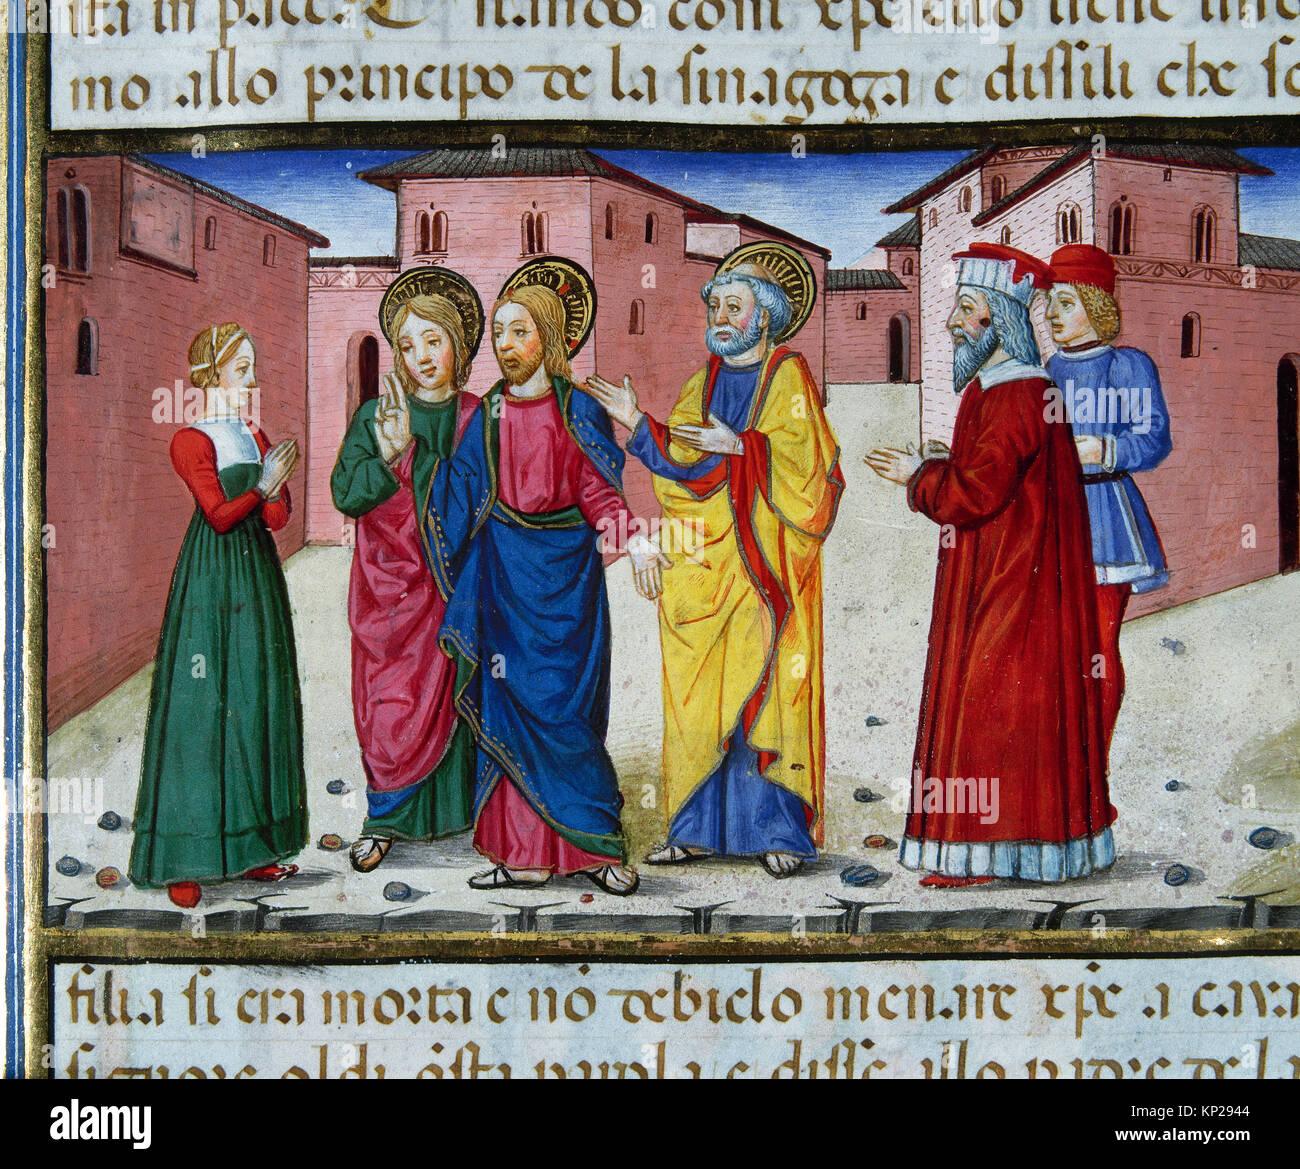 Cristofor de Premis (1440-1486). Italian miniaturist. Jesus raises the Daughter of Jairus. Codex De Predis. (1476). - Stock Image